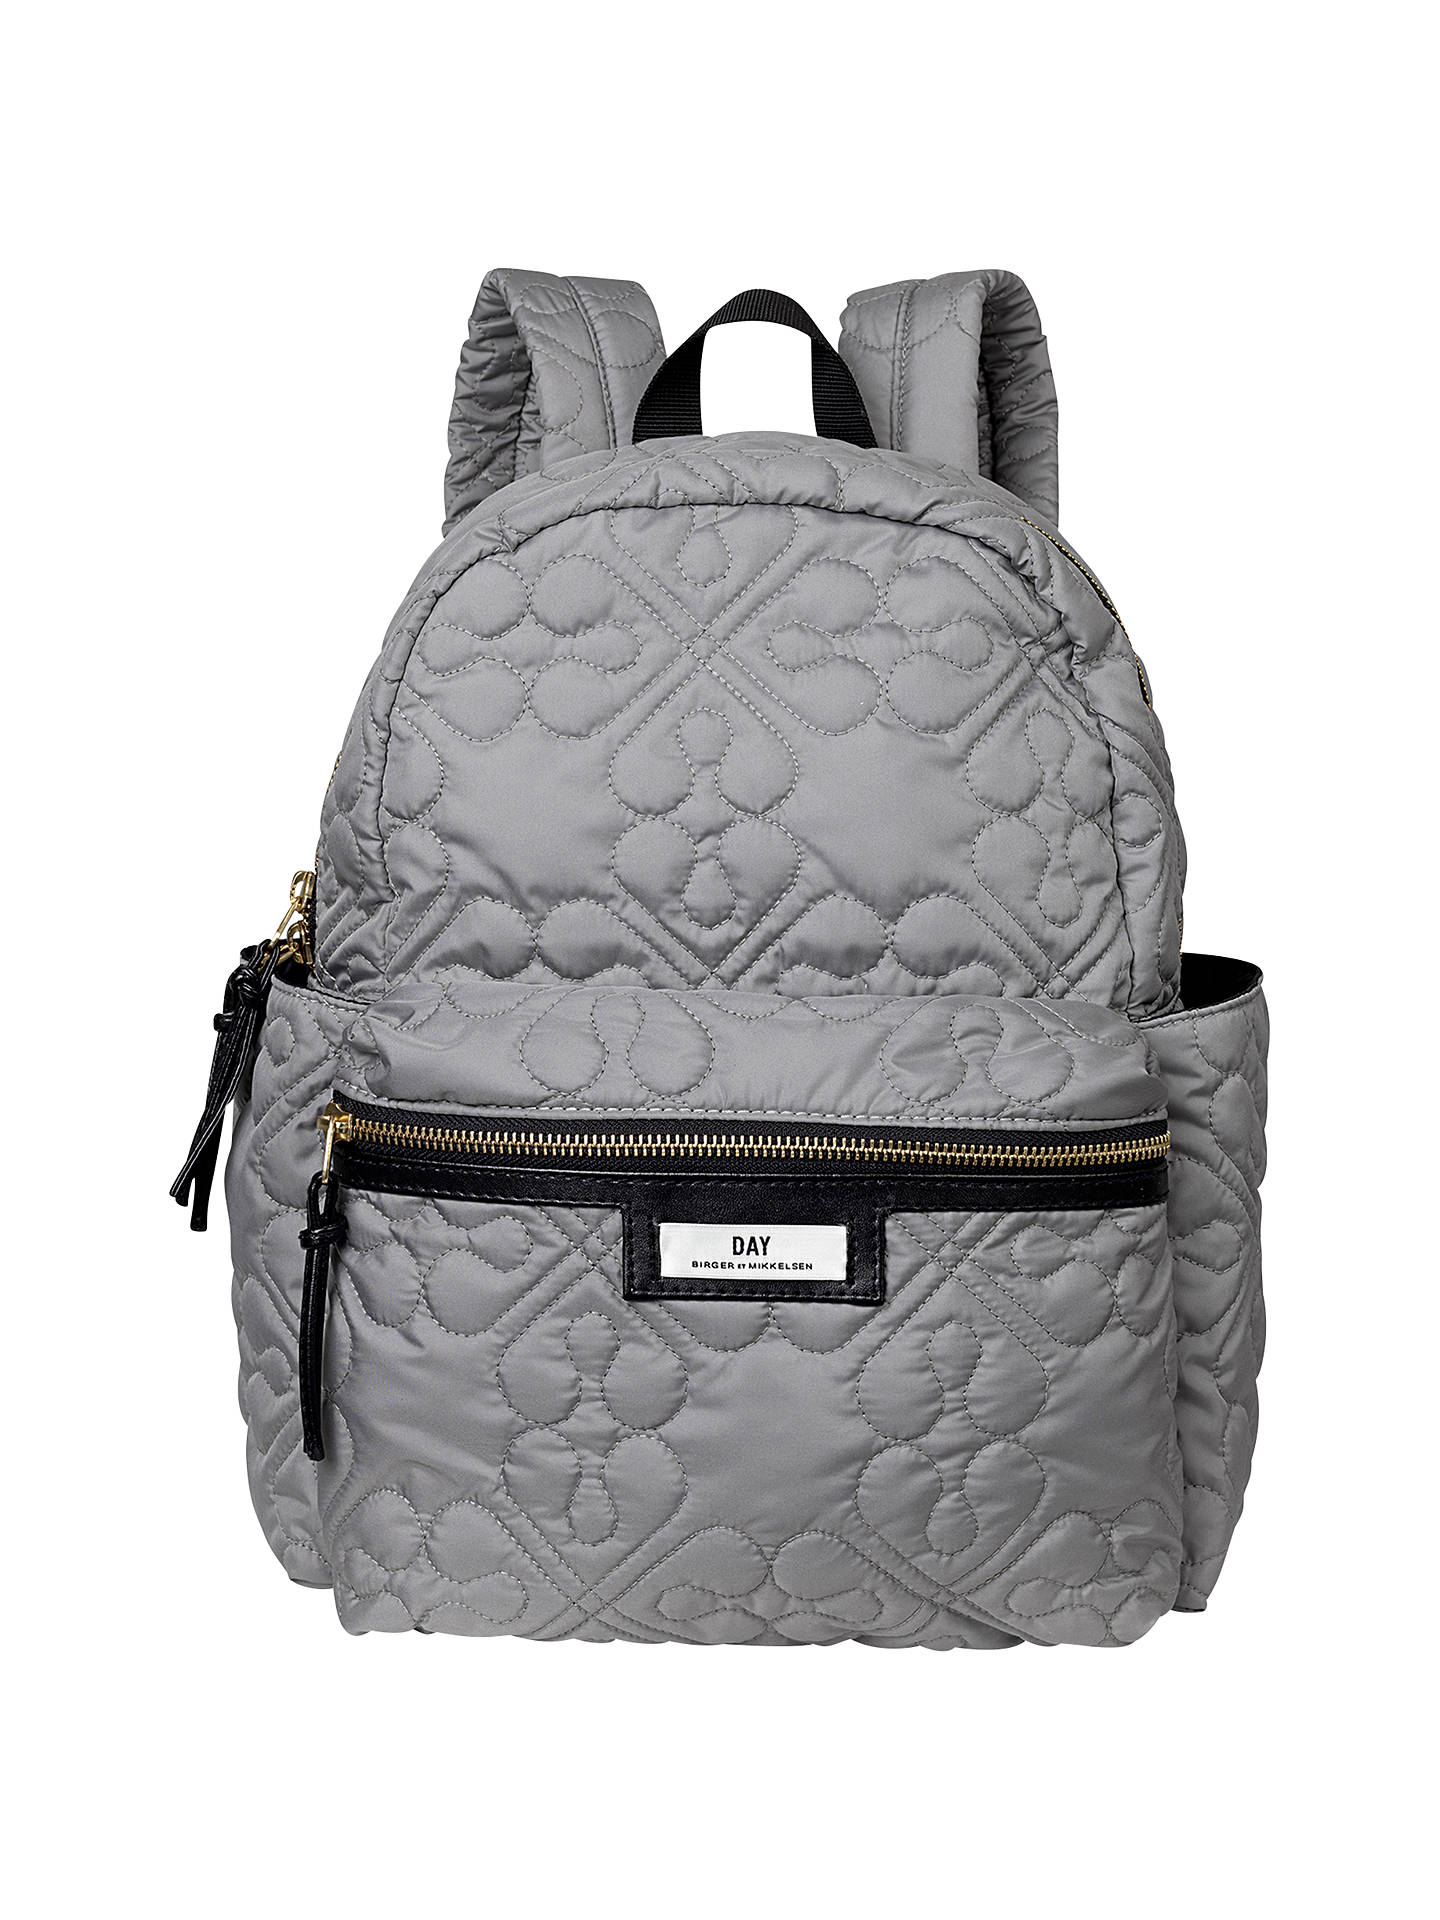 44e28ab8c0 Buy Et DAY Birger et Mikkelsen Gweneth Quilted Flower Backpack